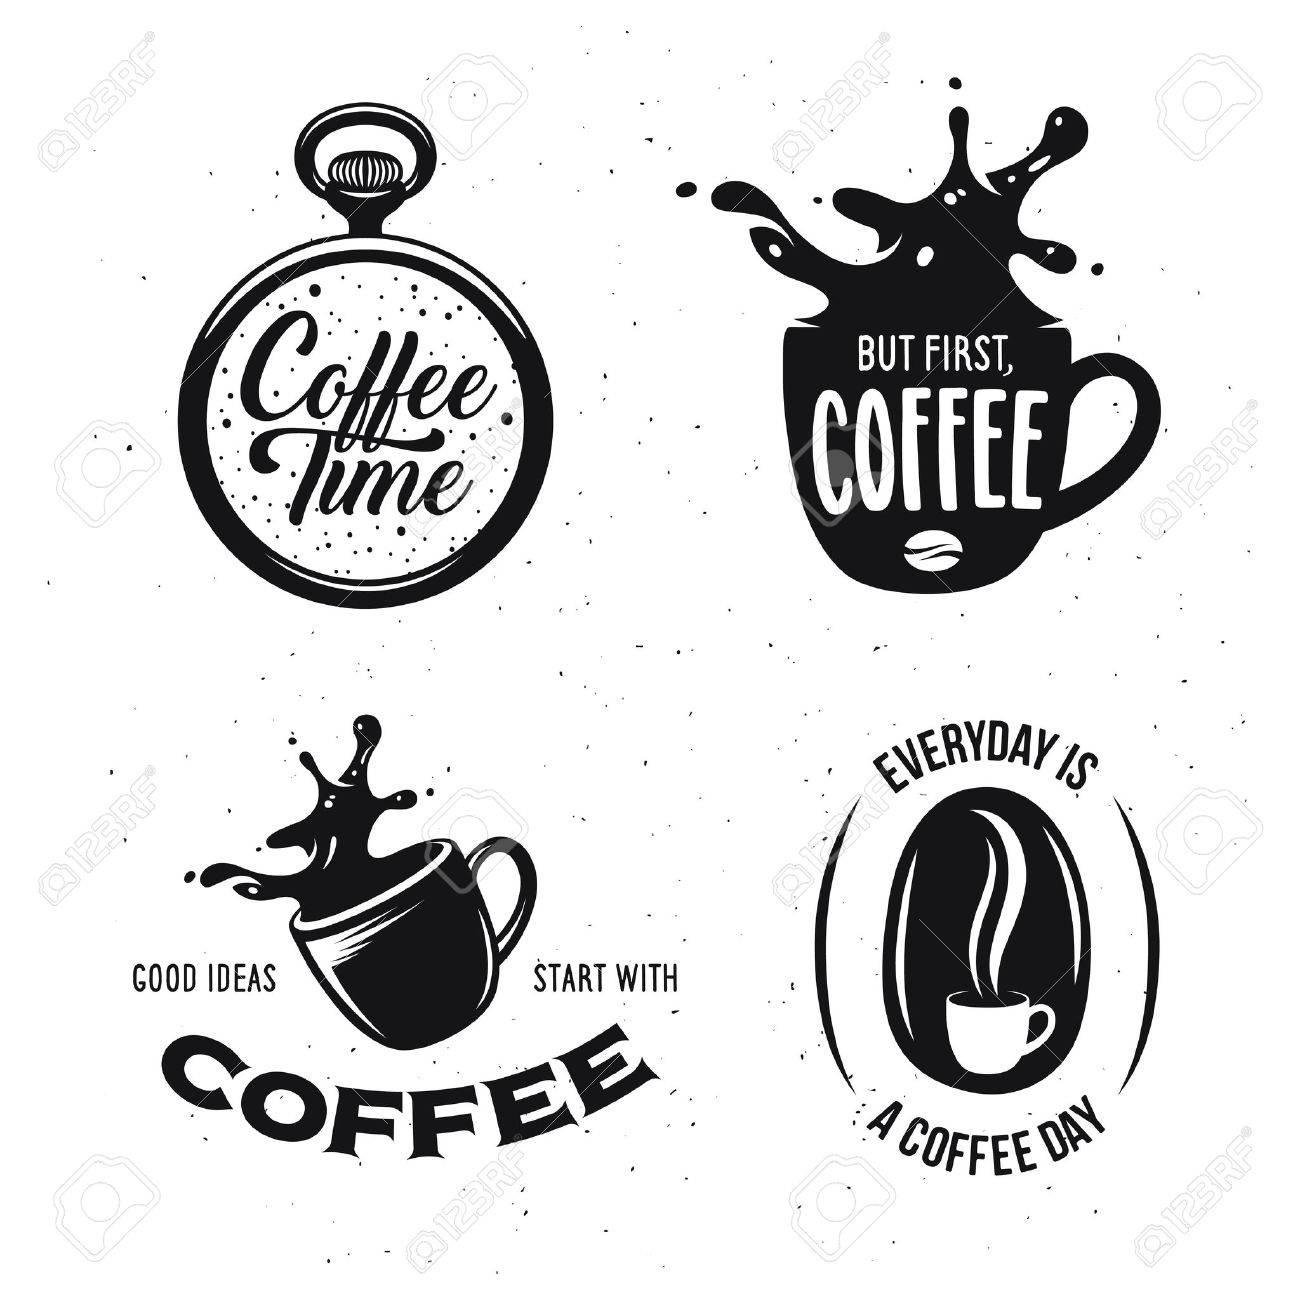 Kaffee Im Zusammenhang Mit Anführungszeichen Gesetzt. Kaffeezeit ...